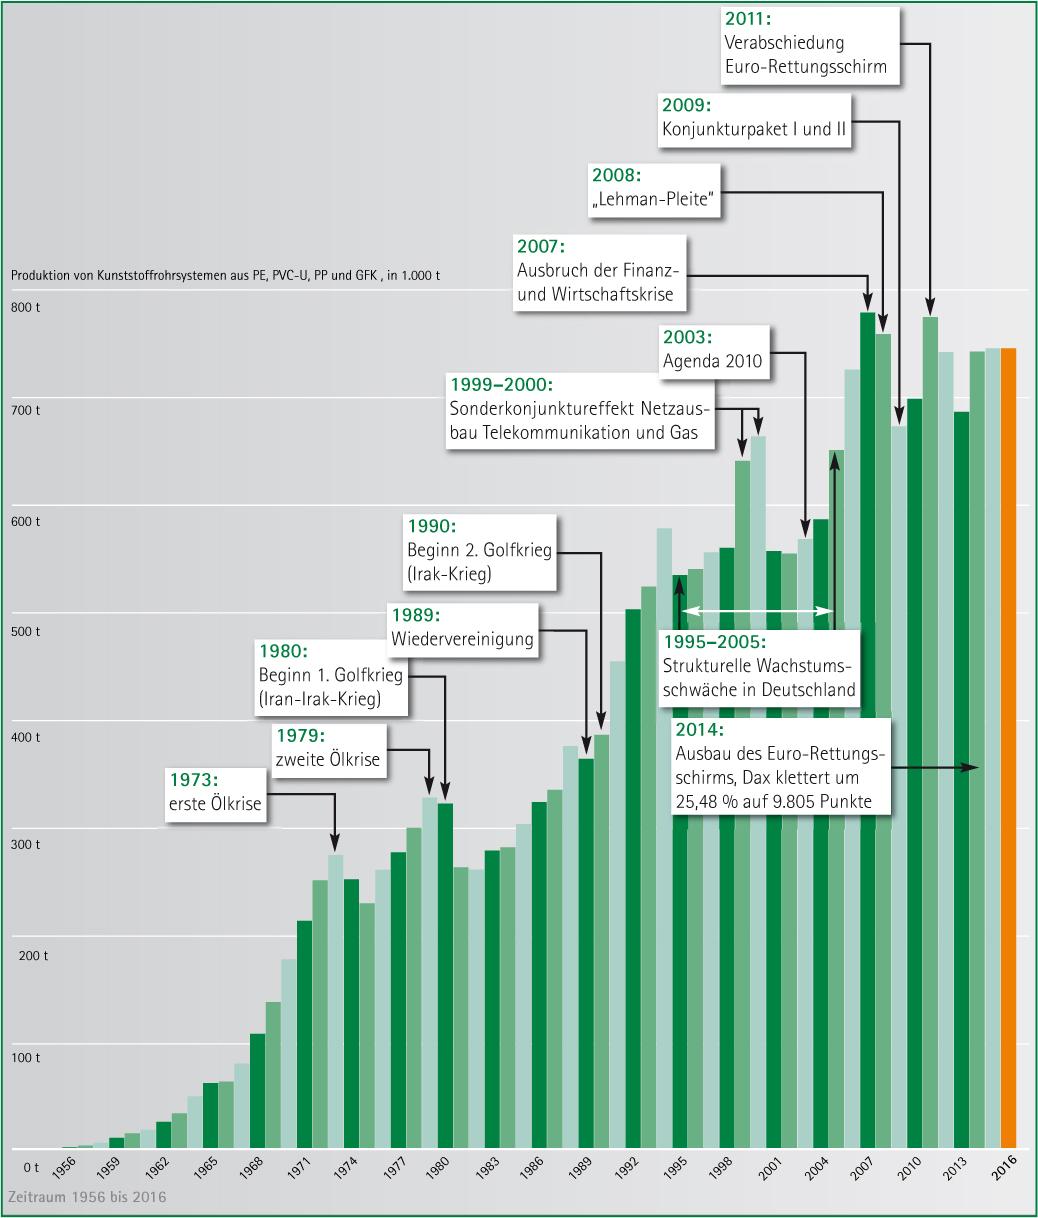 Korrelation zwischen internationalen bzw. nationalen politischen Ereignissen und den Produktionsmengen